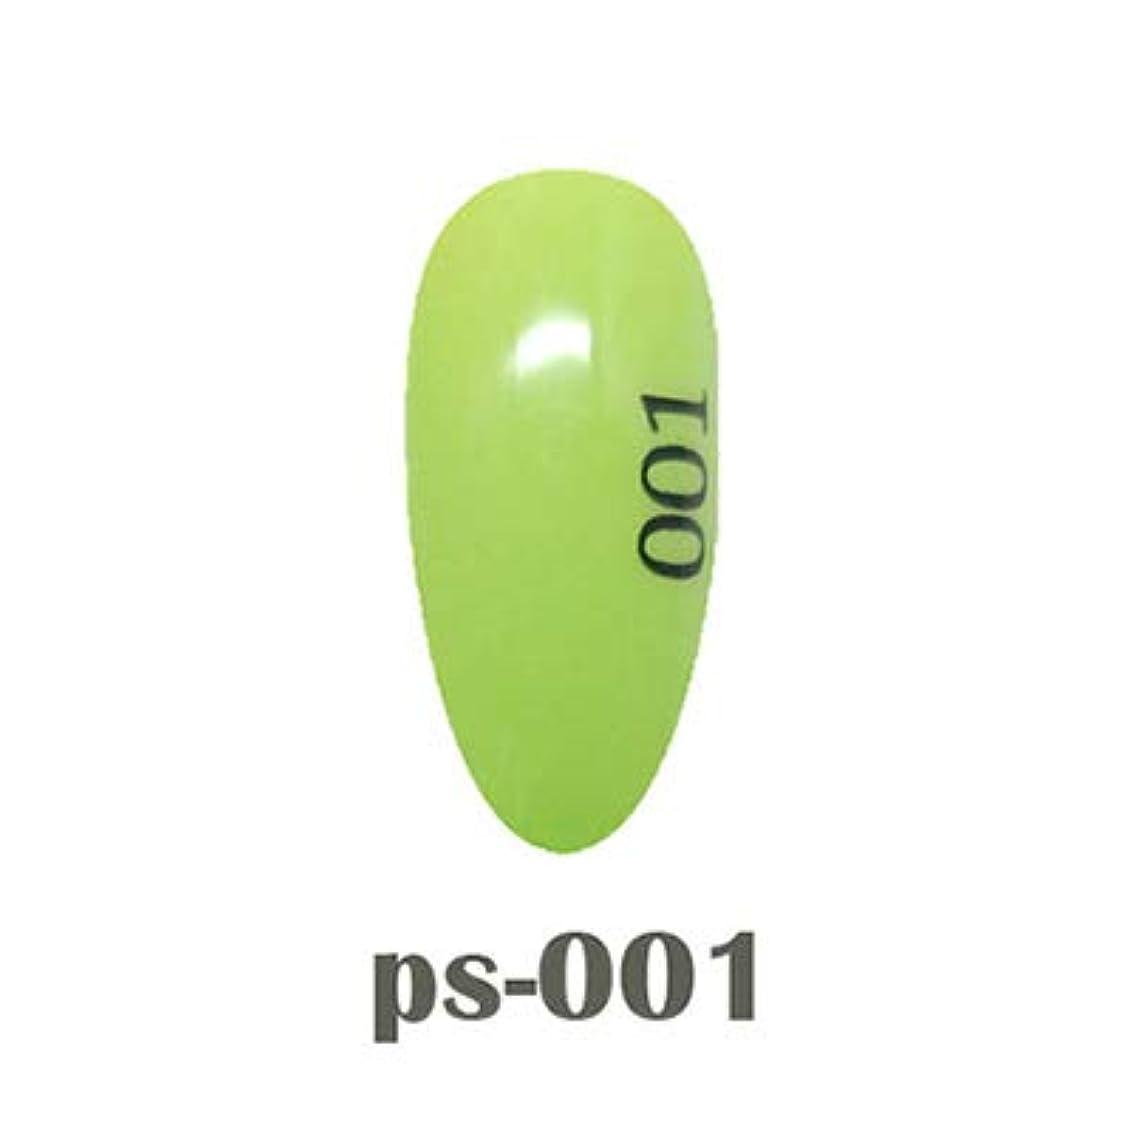 アイスジェル カラージェル ポイントパステルシリーズ PP-001 3g